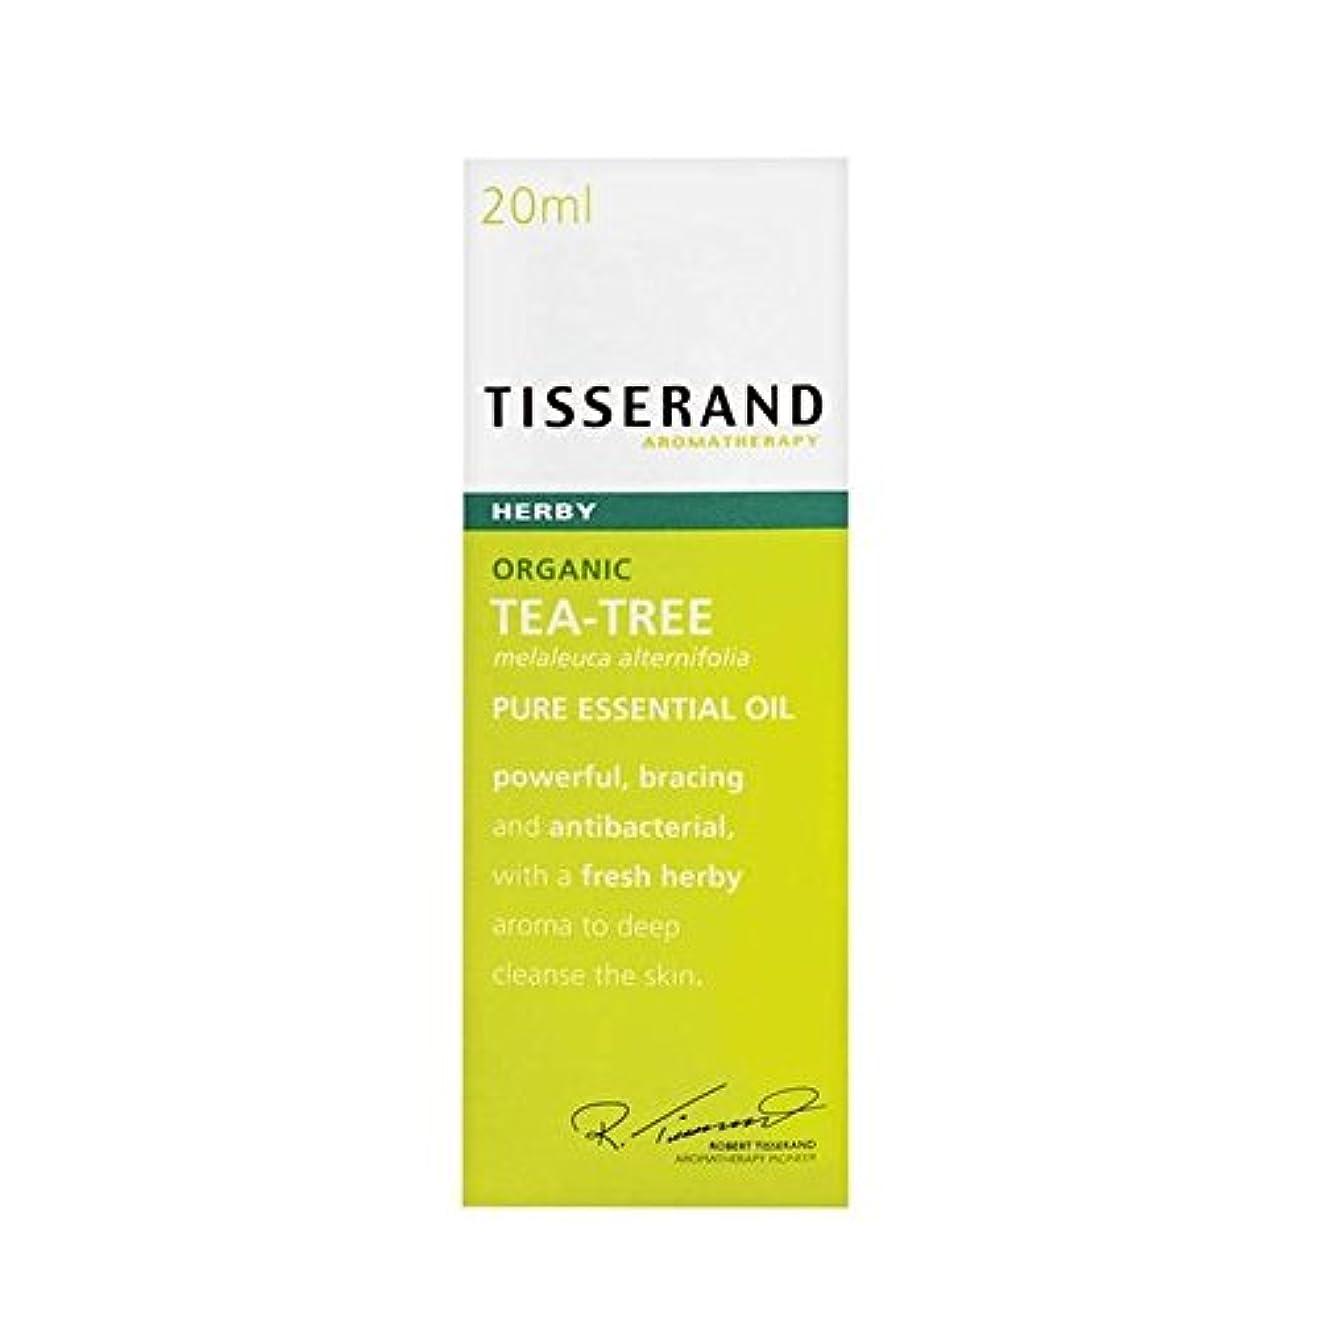 後継ブラケットクスクスTisserand Tea Tree Organic Pure Essential Oil 20ml (Pack of 6) - ティスランドティーツリーオーガニックピュアエッセンシャルオイル20ミリリットル x6 [並行輸入品]